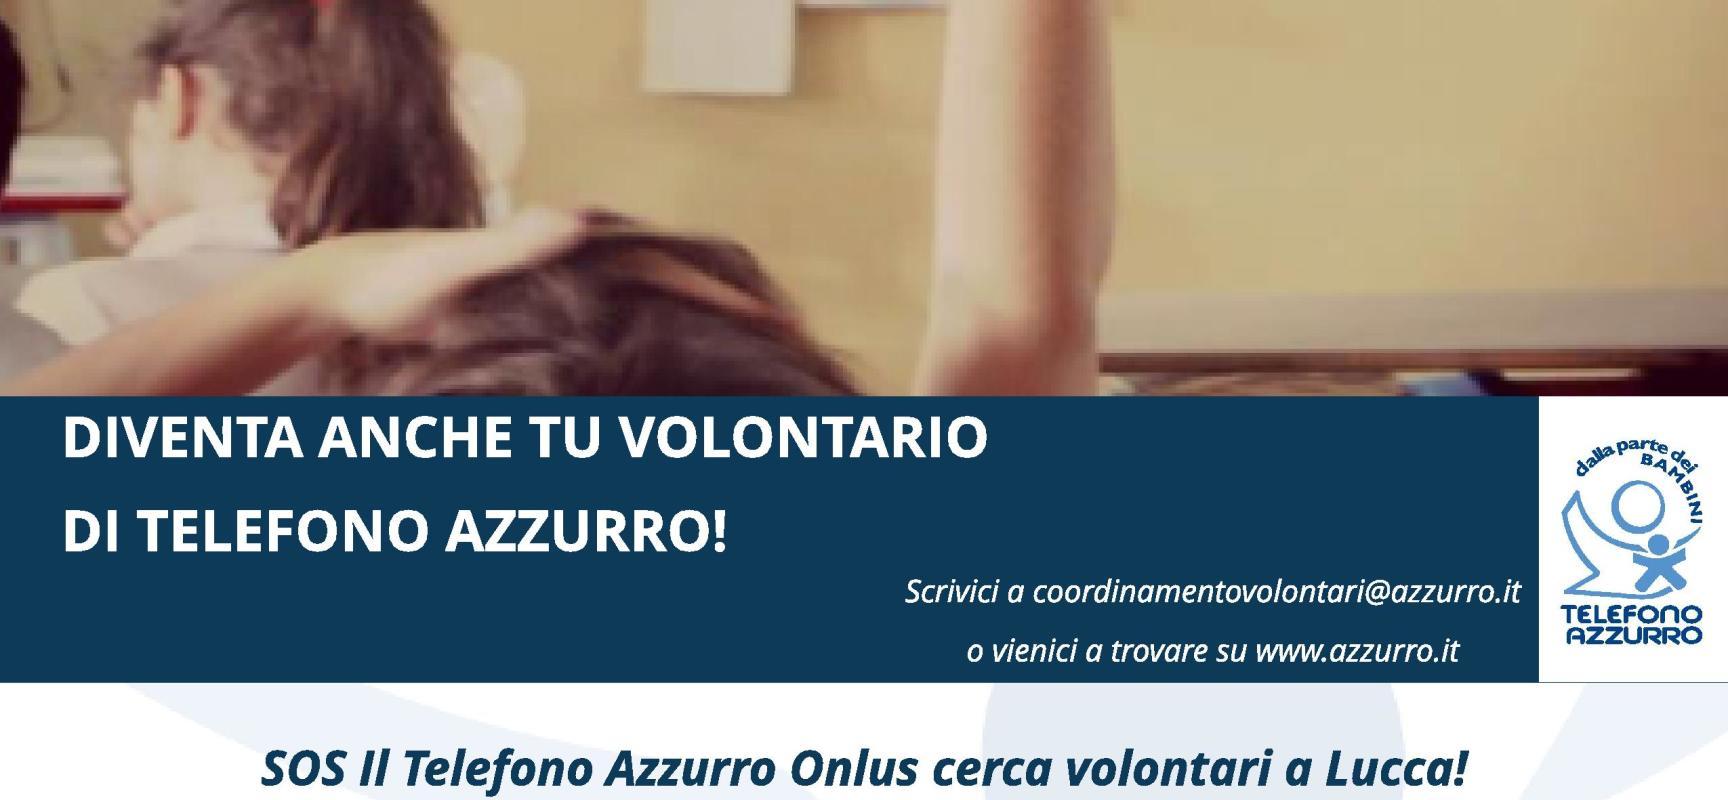 TELEFONO AZZURRO ANCHE A LUCCA